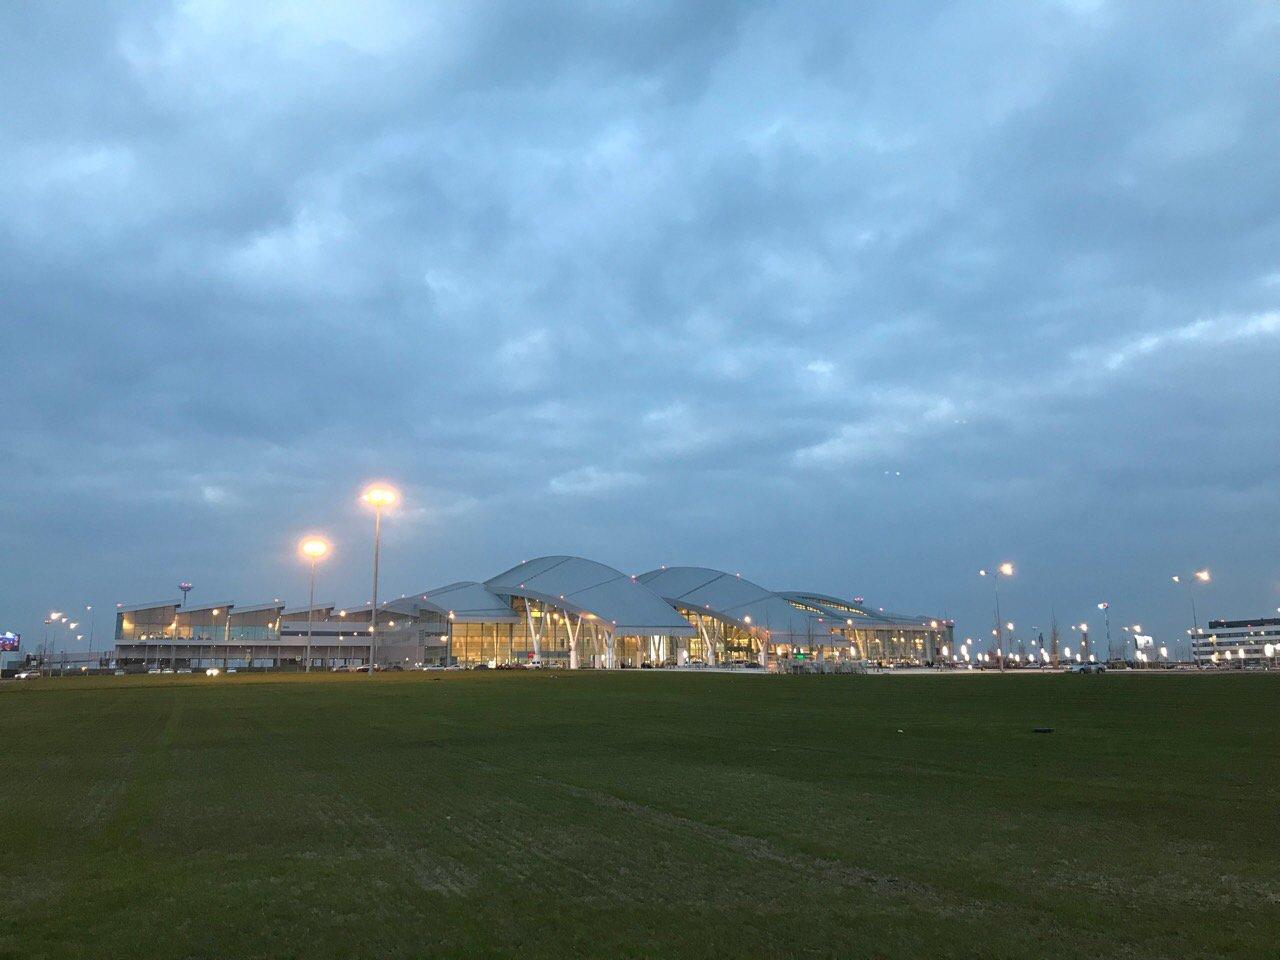 Пассажирский терминал аэропорта Платов в Ростове-на-Дону